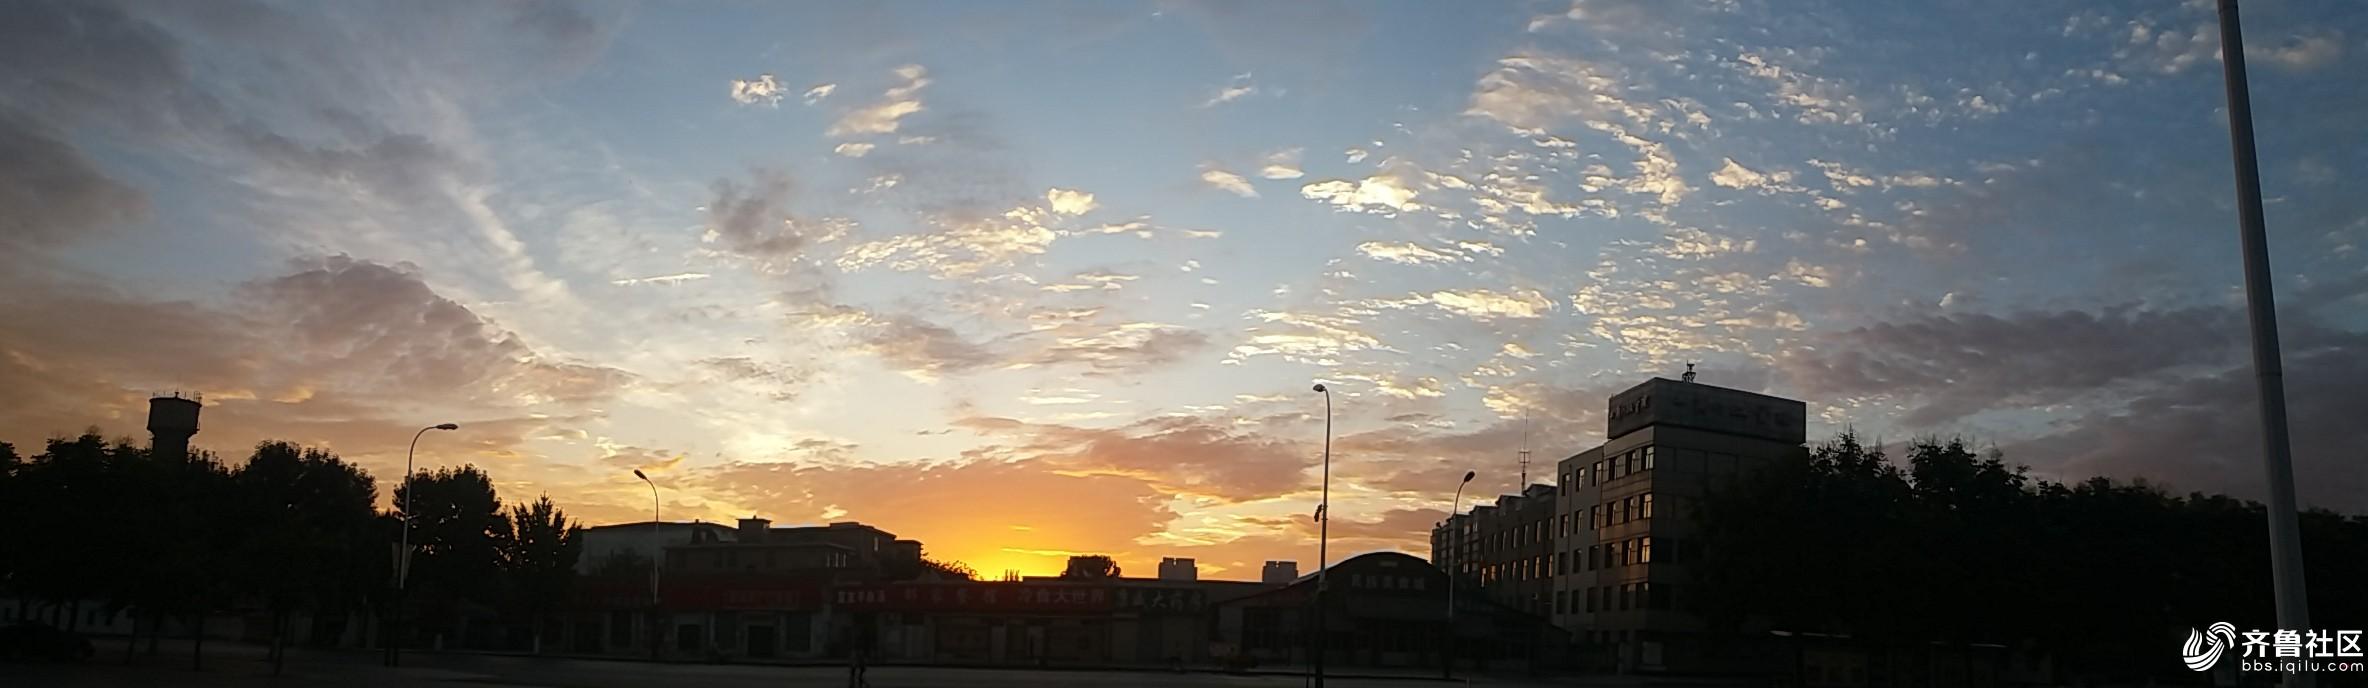 兖州的早晨